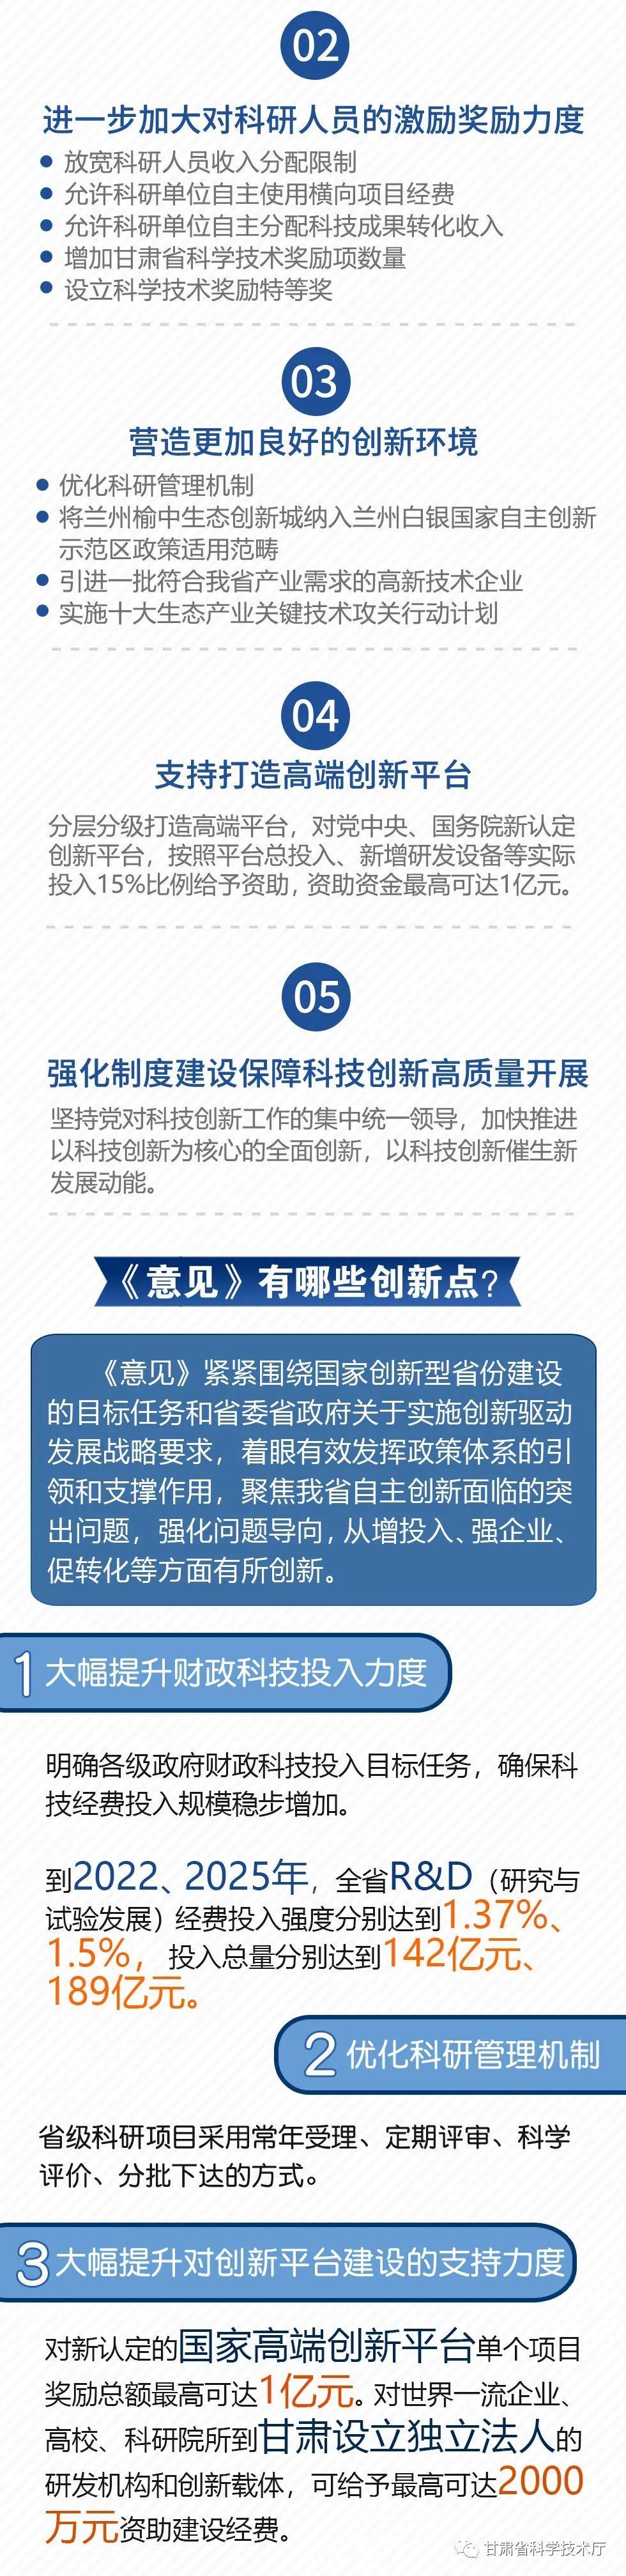 图解政策 | 《甘肃省人民政府关于进一步激发创新活力强化科技引领的意见》